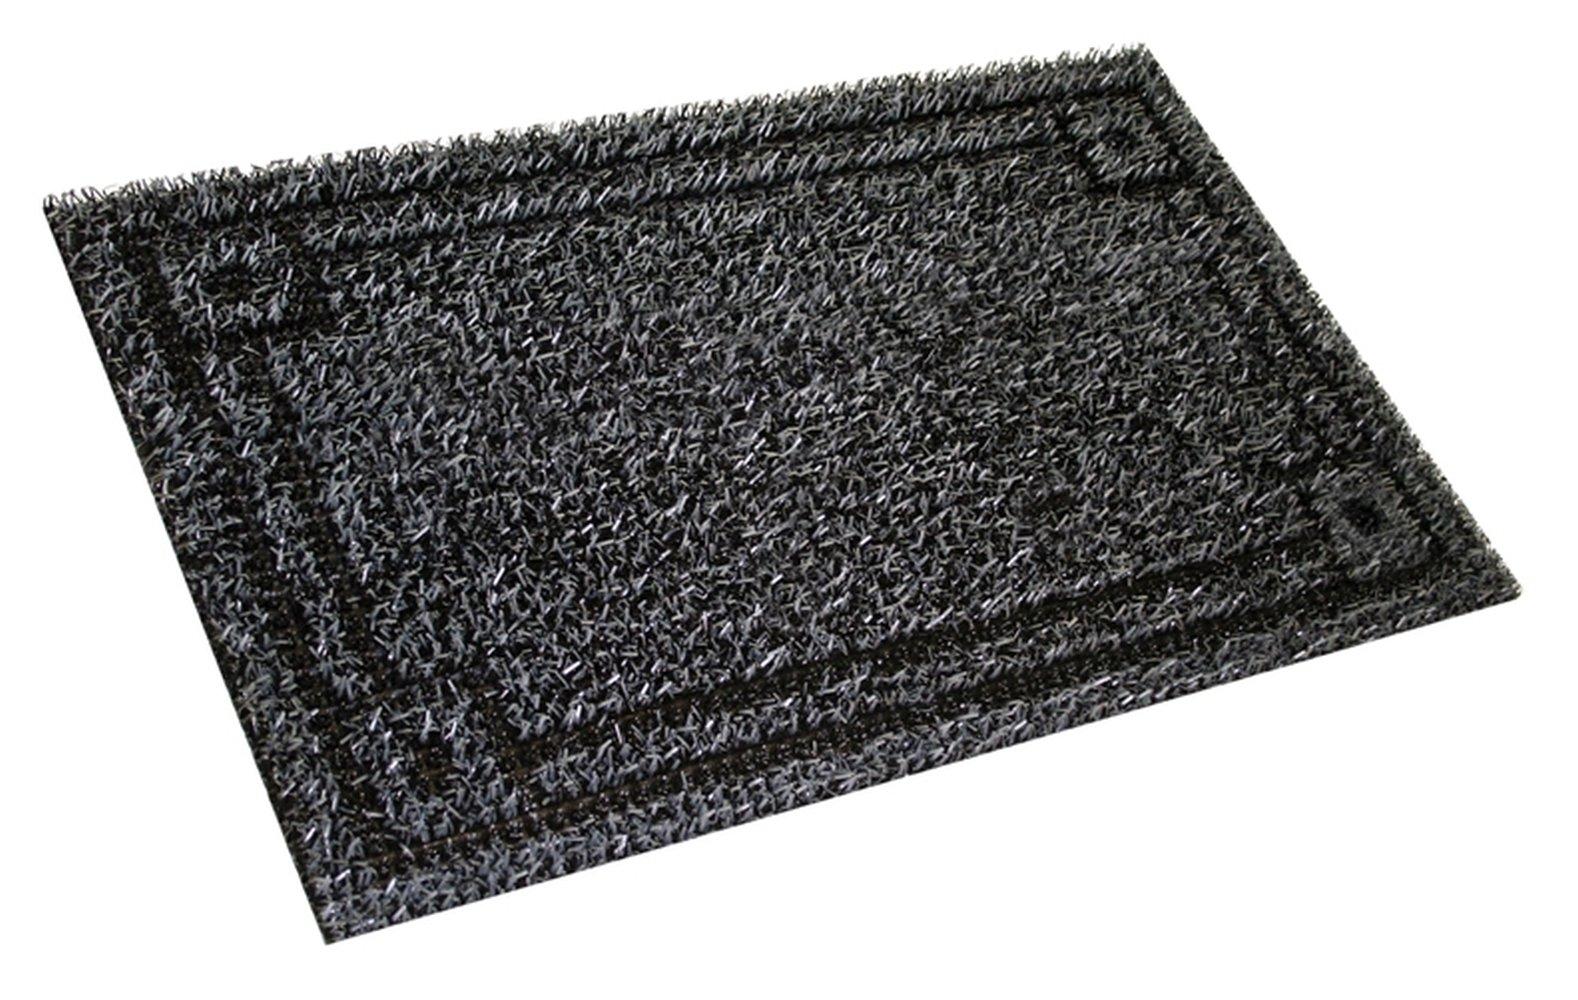 Grassworx Clean Machine Metro Doormat, 18'' x 30'', Flint (10374077)